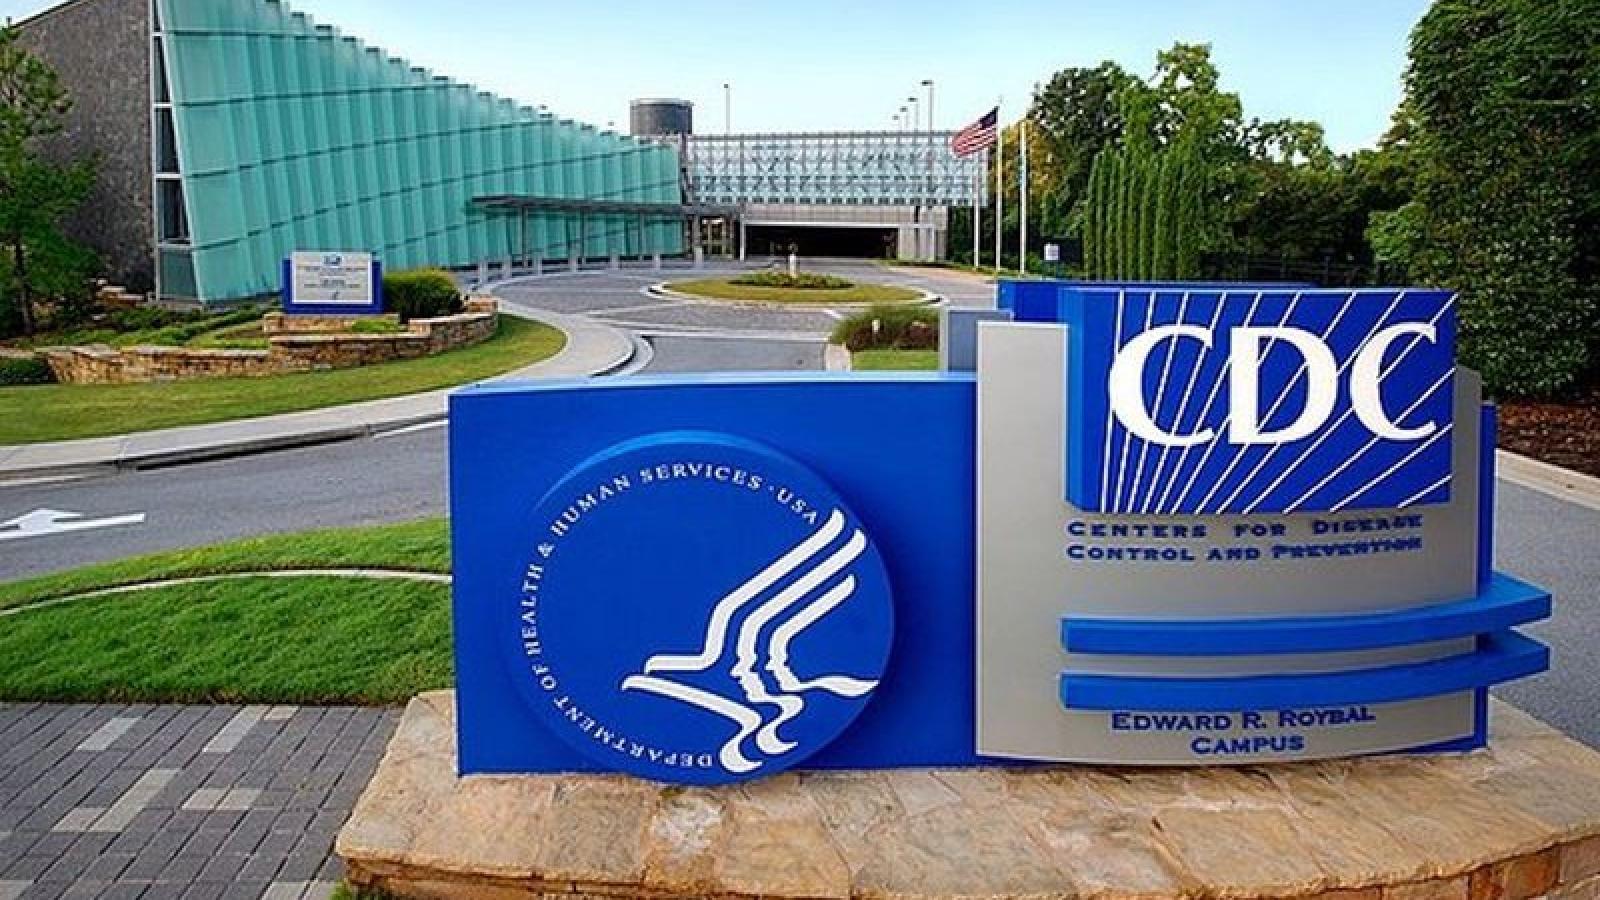 Mỹ thay đổi cách thống kê các ca nhiễm bệnh và tử vong do Covid-19